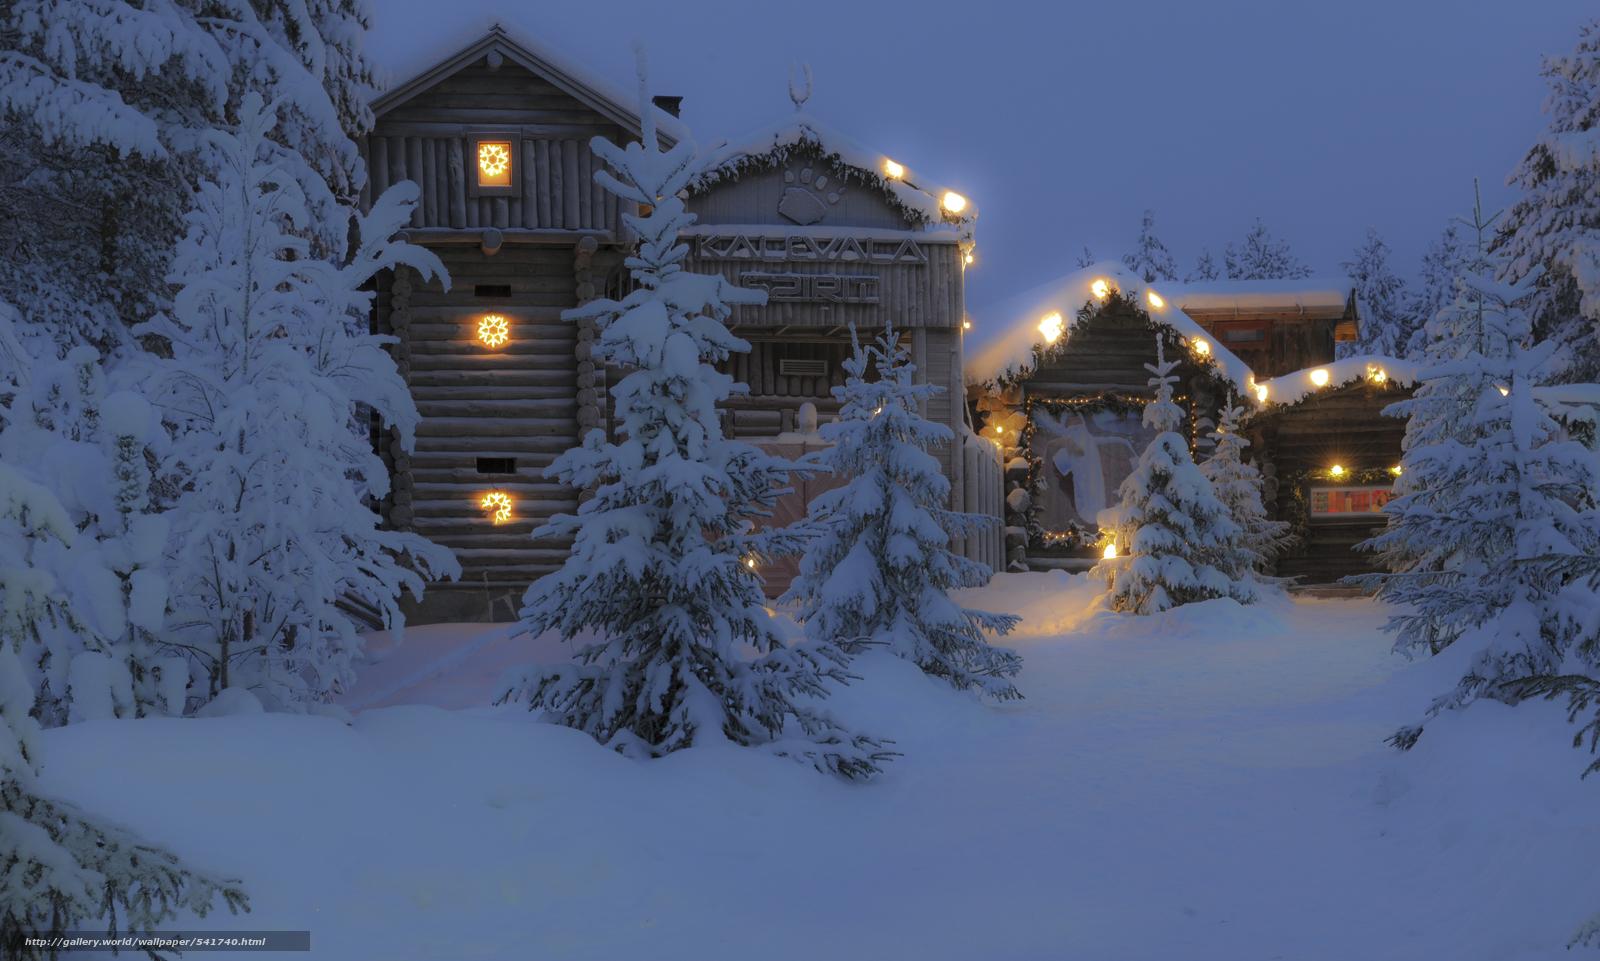 下载壁纸 圣诞老人村,  库赫莫,  芬兰,  库赫莫 免费为您的桌面分辨率的壁纸 6031x3624 — 图片 №541740